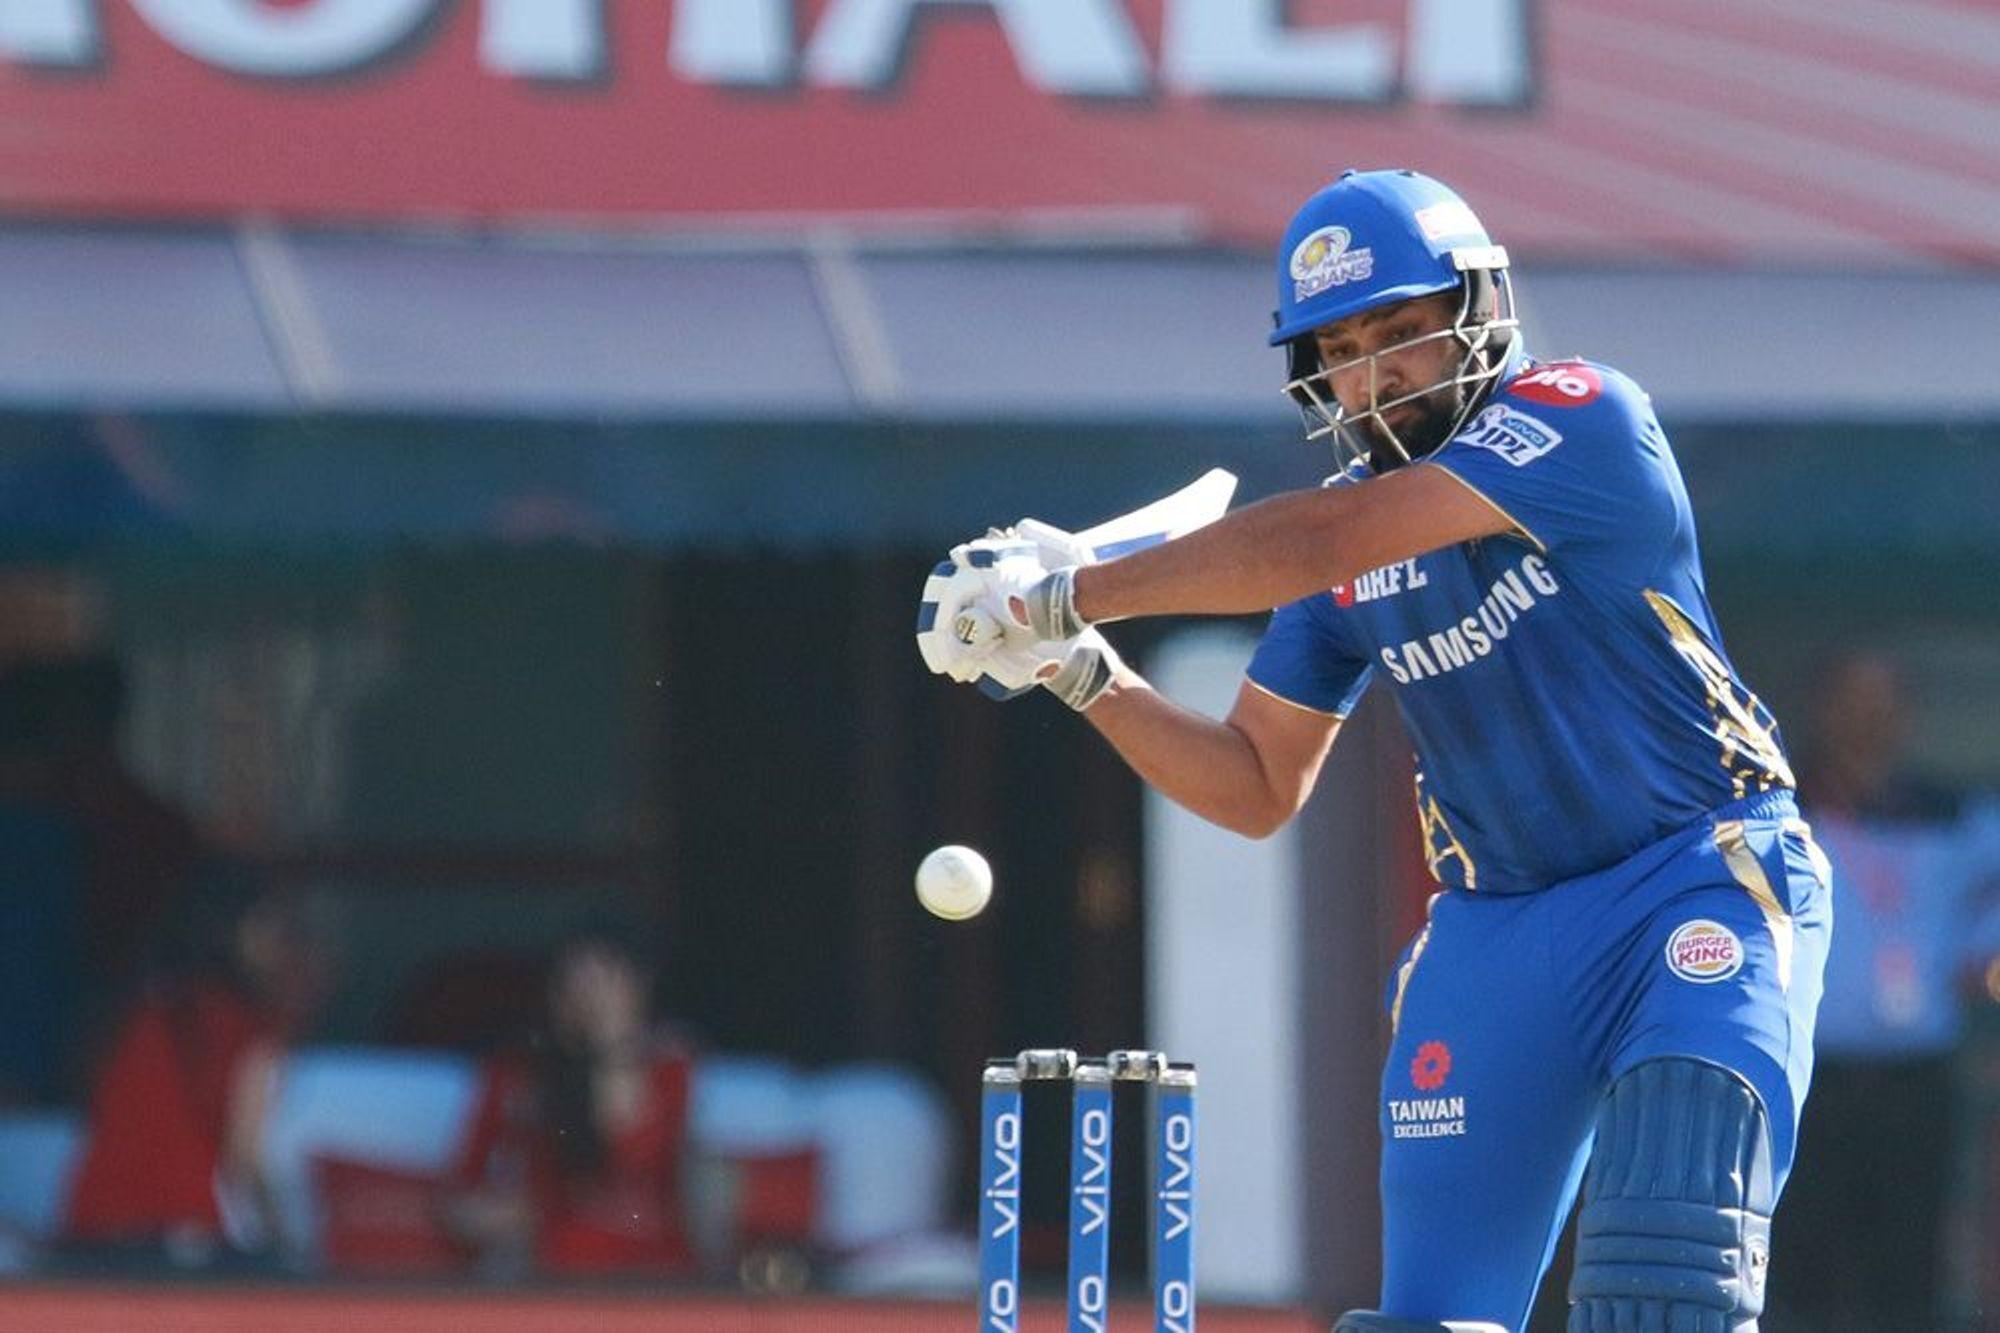 जहीर खान ने रोहित शर्मा की फिटनेस पर दिया अपडेट, जाने होंगे अगले मैच में टीम का हिस्सा या बैठेंगे बाहर 3